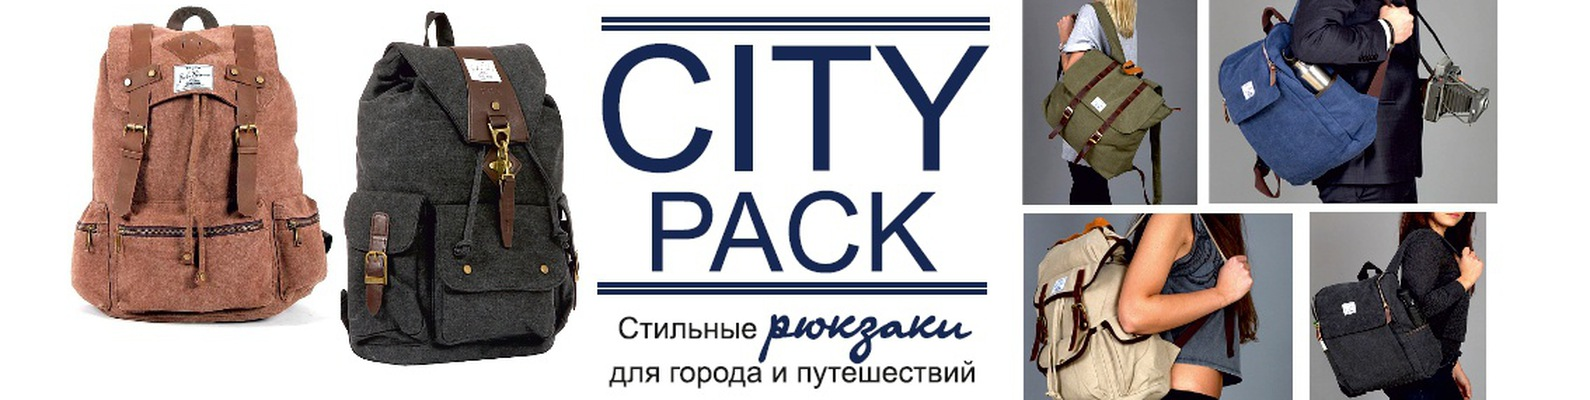 6eb90f59a825 City pack _ рюкзаки в Пензе   ВКонтакте